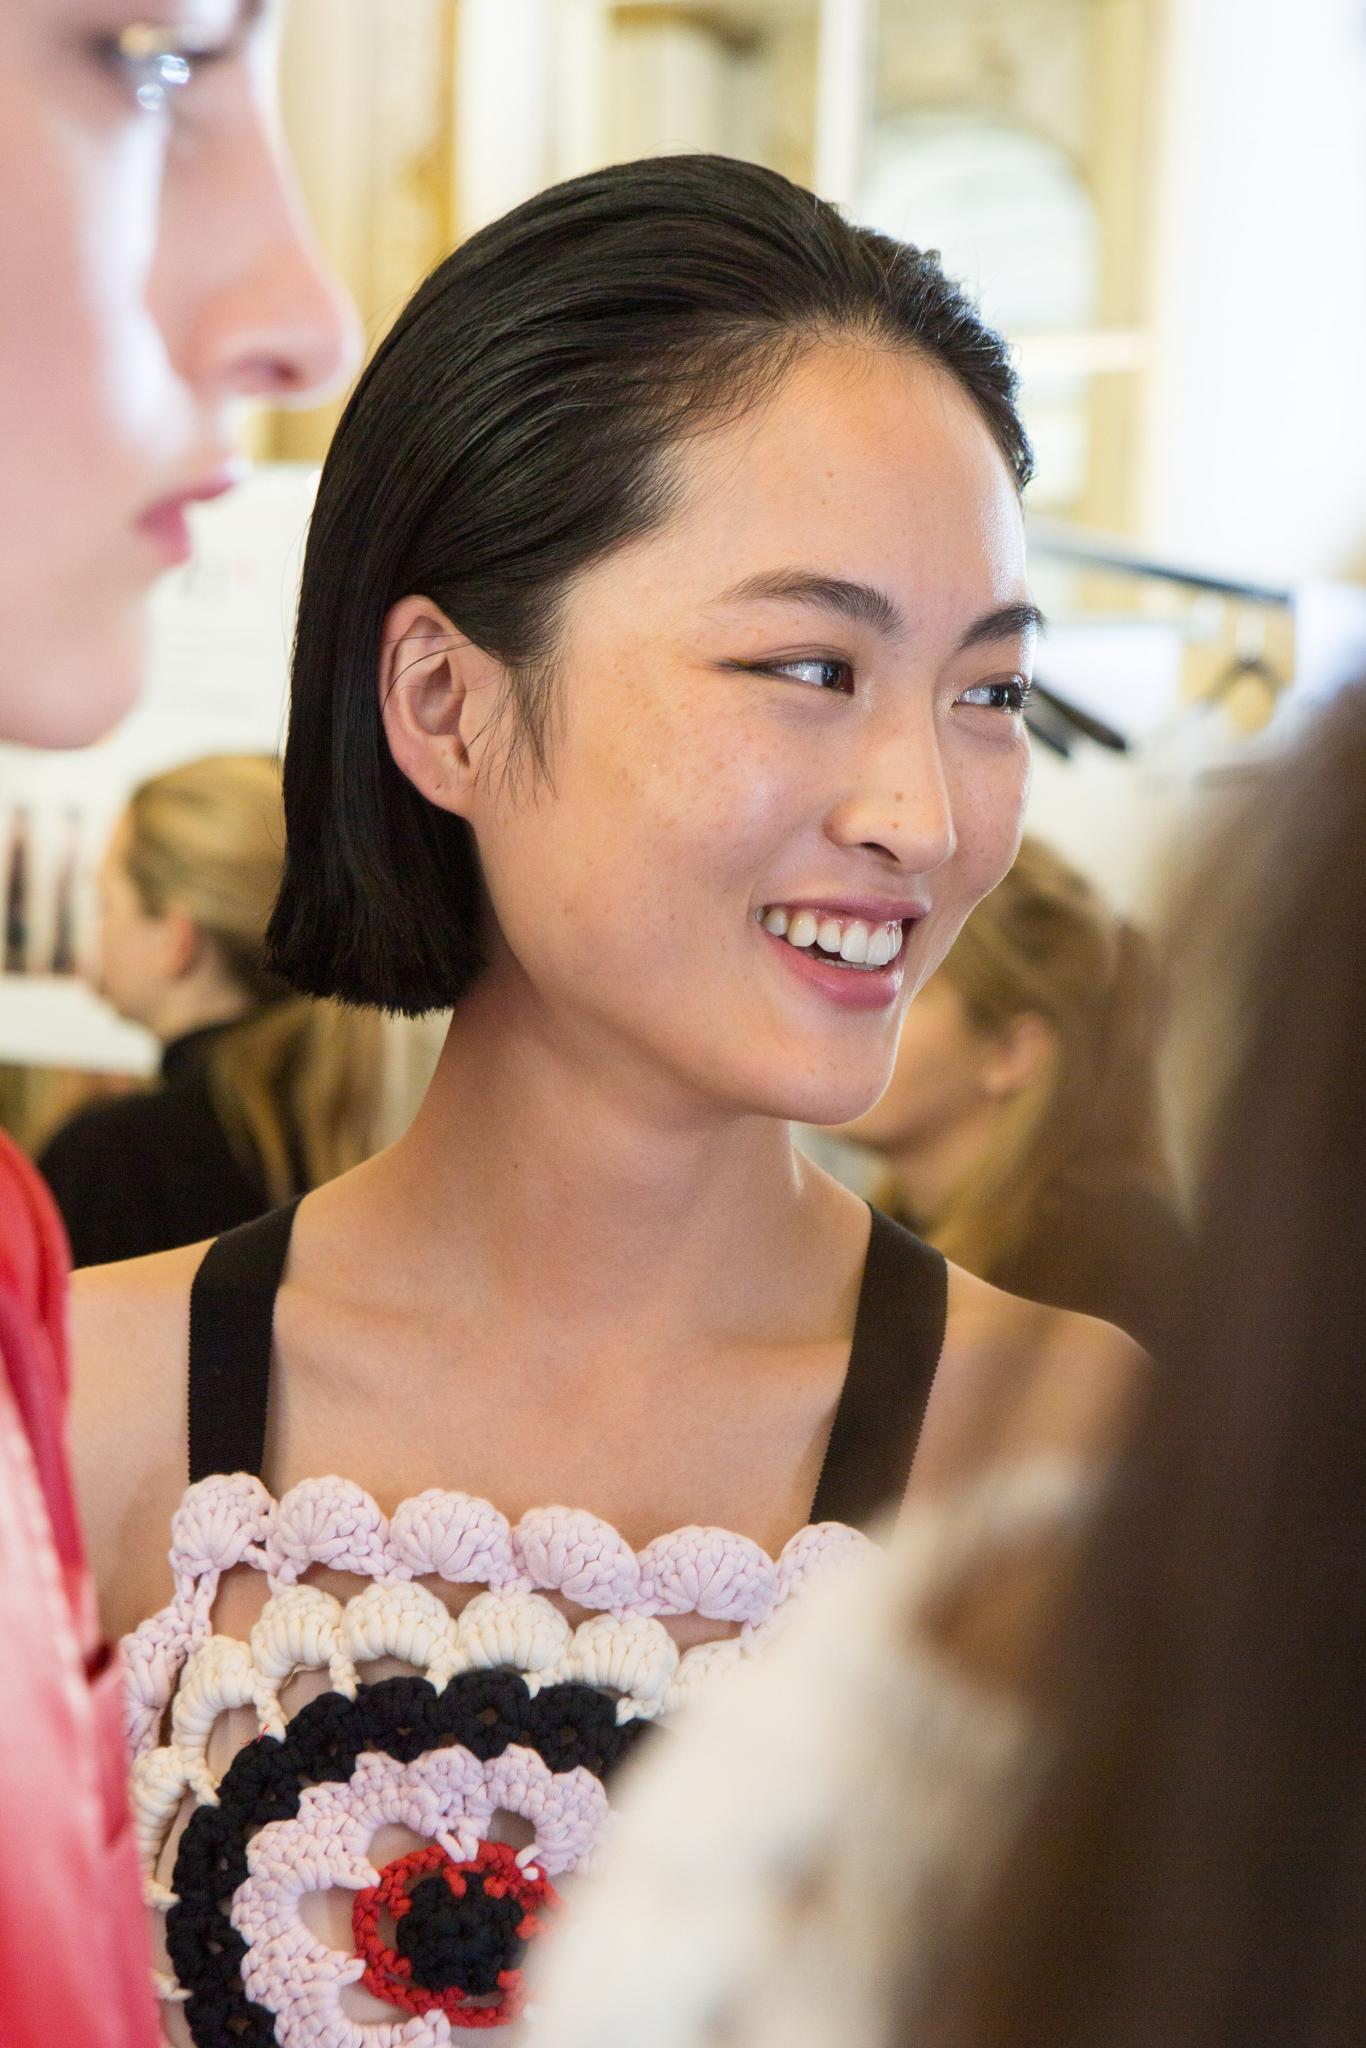 Une femme asiatique avec une coupe de cheveux au carré brun balayée vers l'arrière